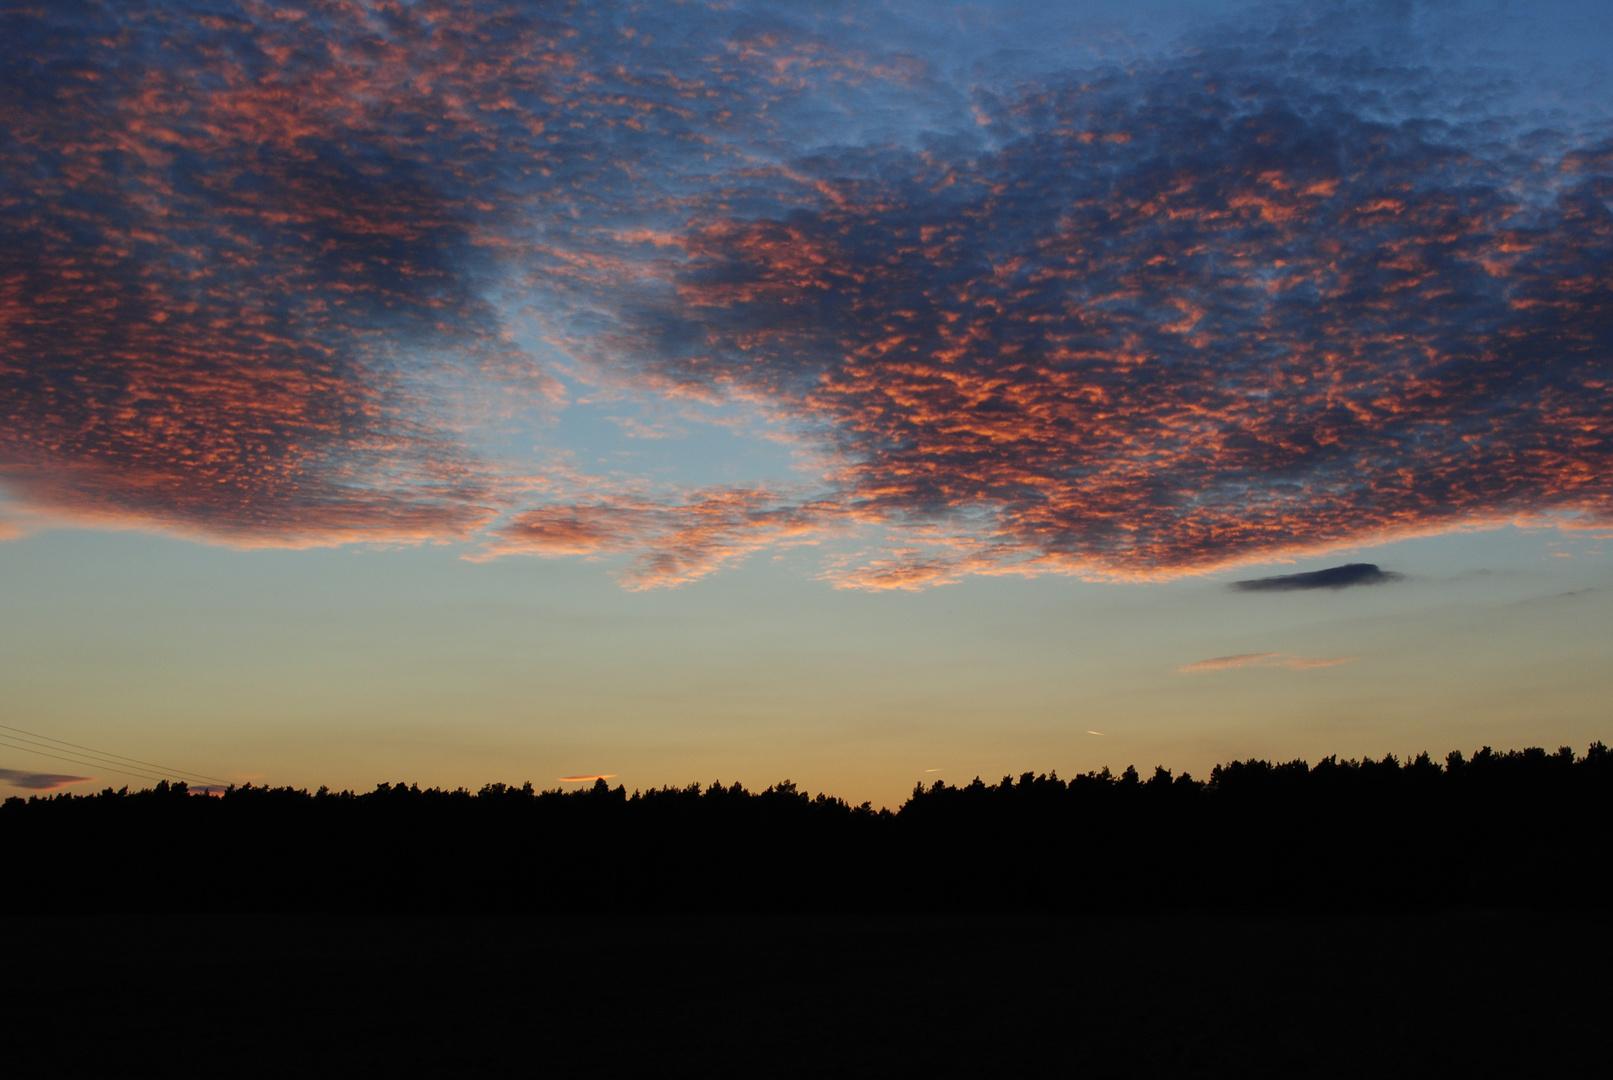 Abendrot über dem Wald